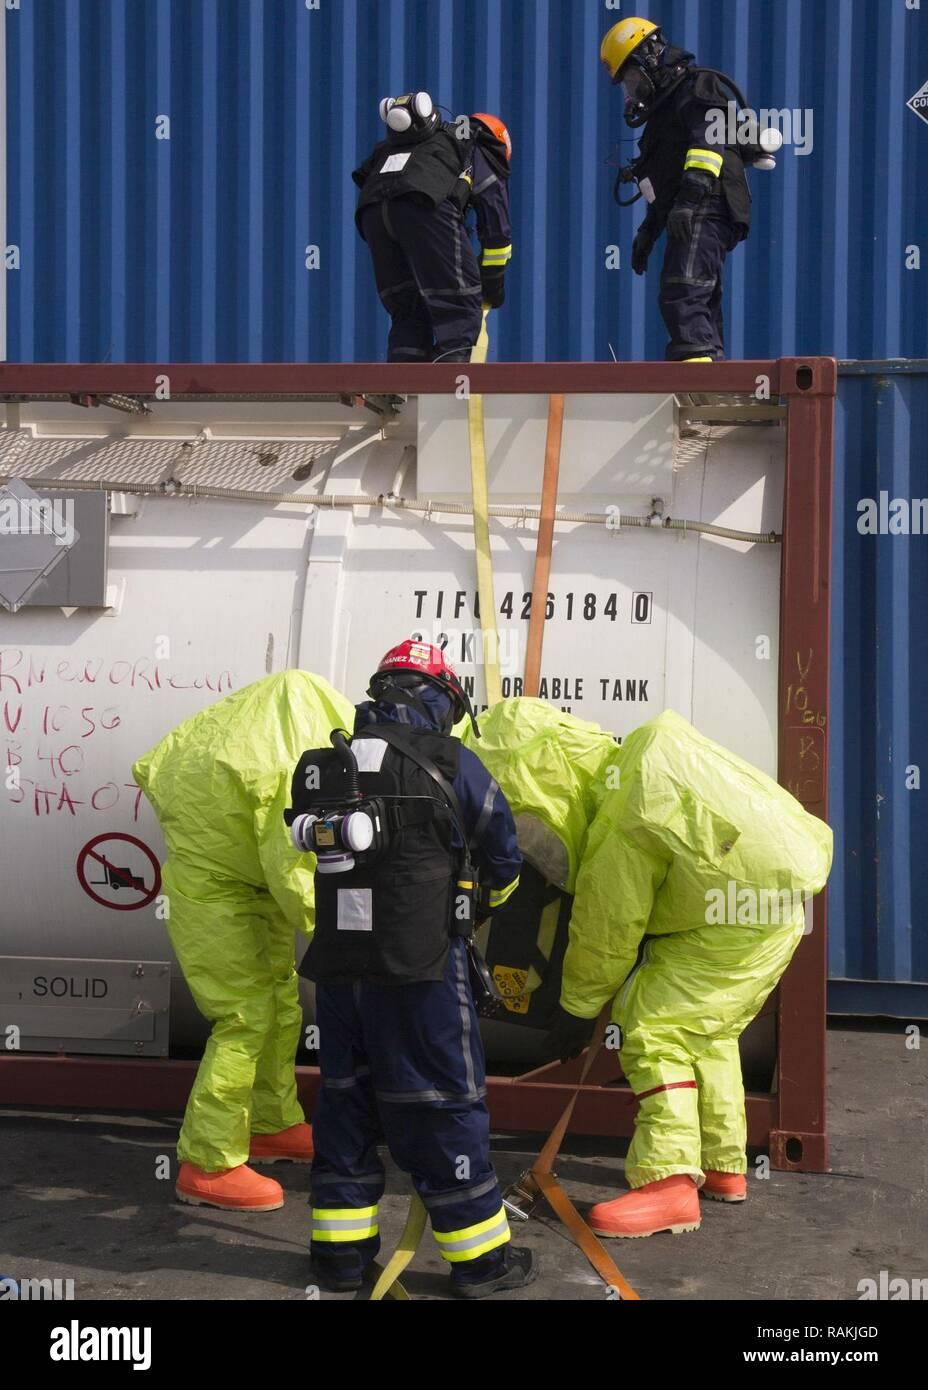 Hazardous Materials Haz Mat Technician Uniform Patch Firefighter Rescue